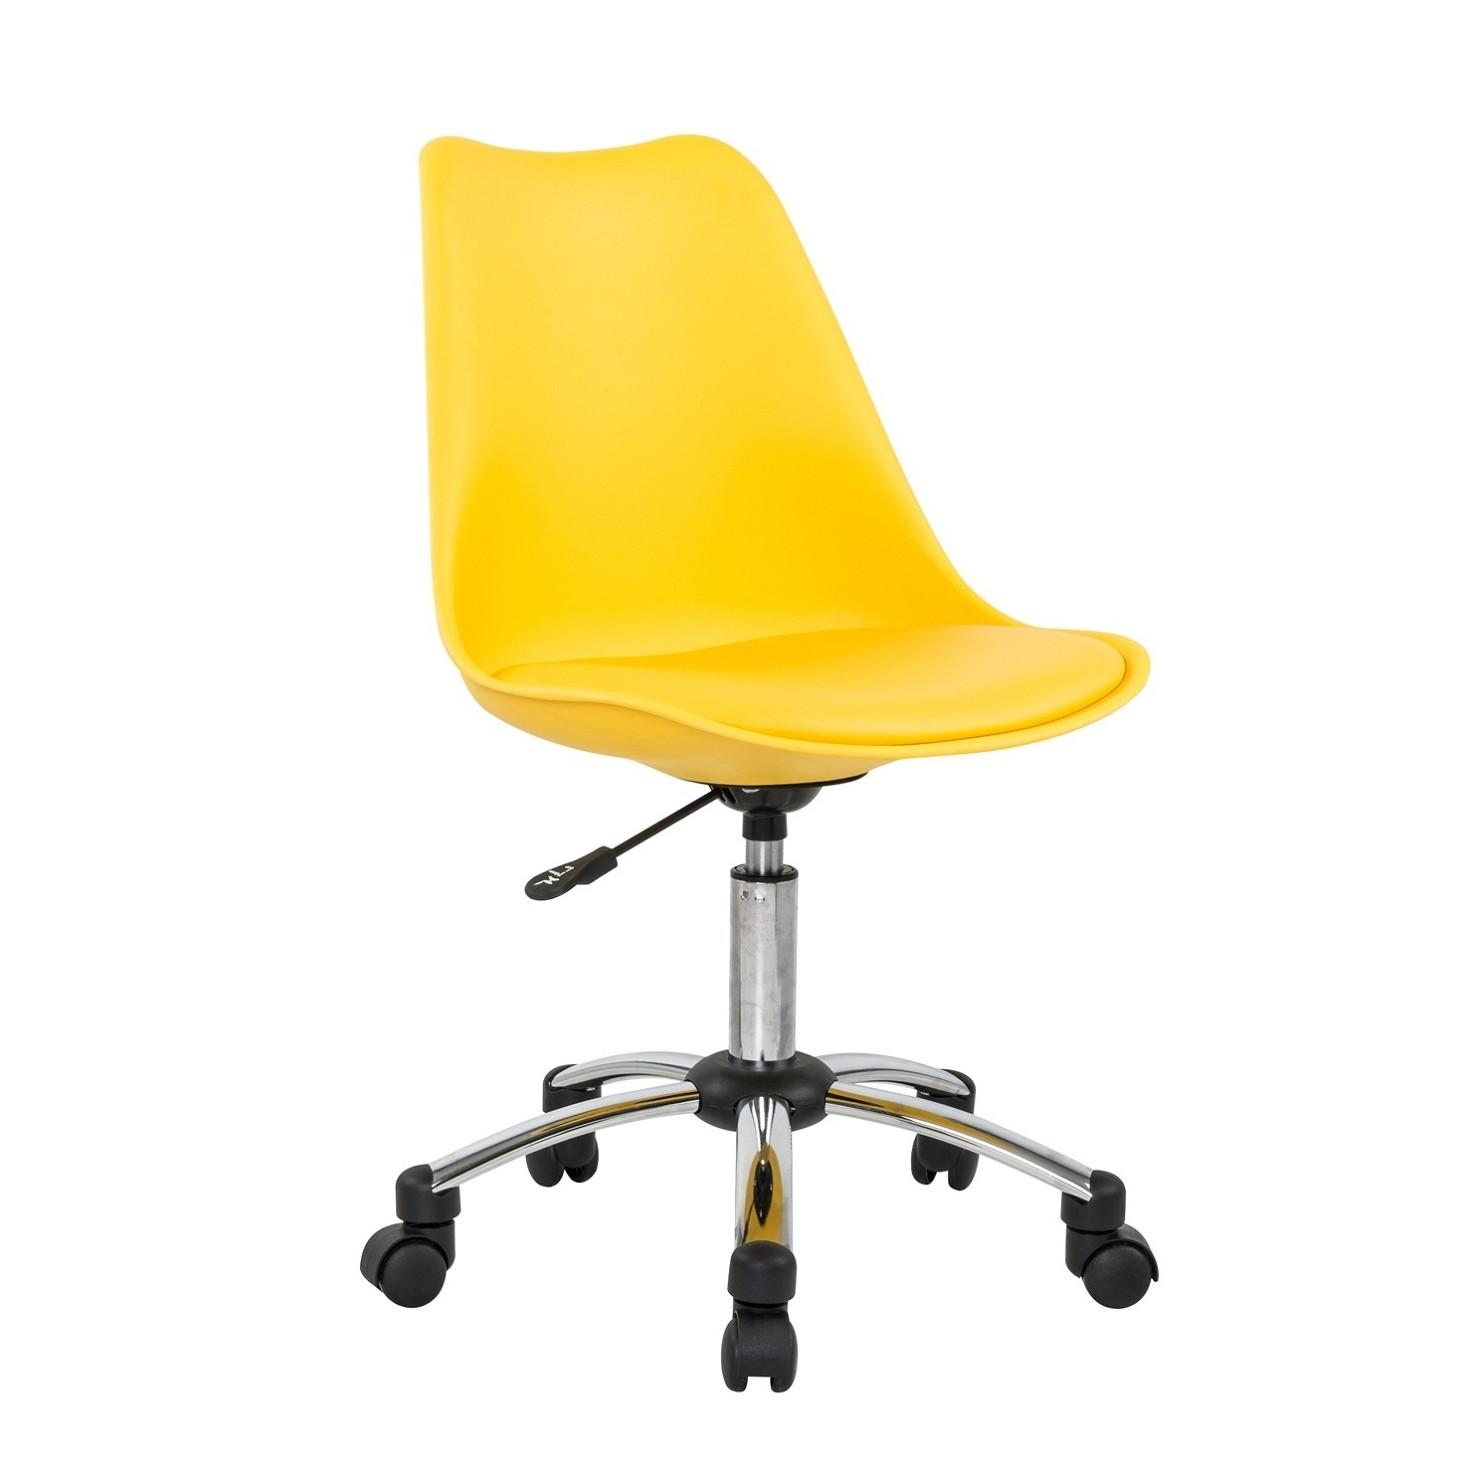 Cadeira Executivo sem Braco com Rodas Plastico Amarelo - Bianchini